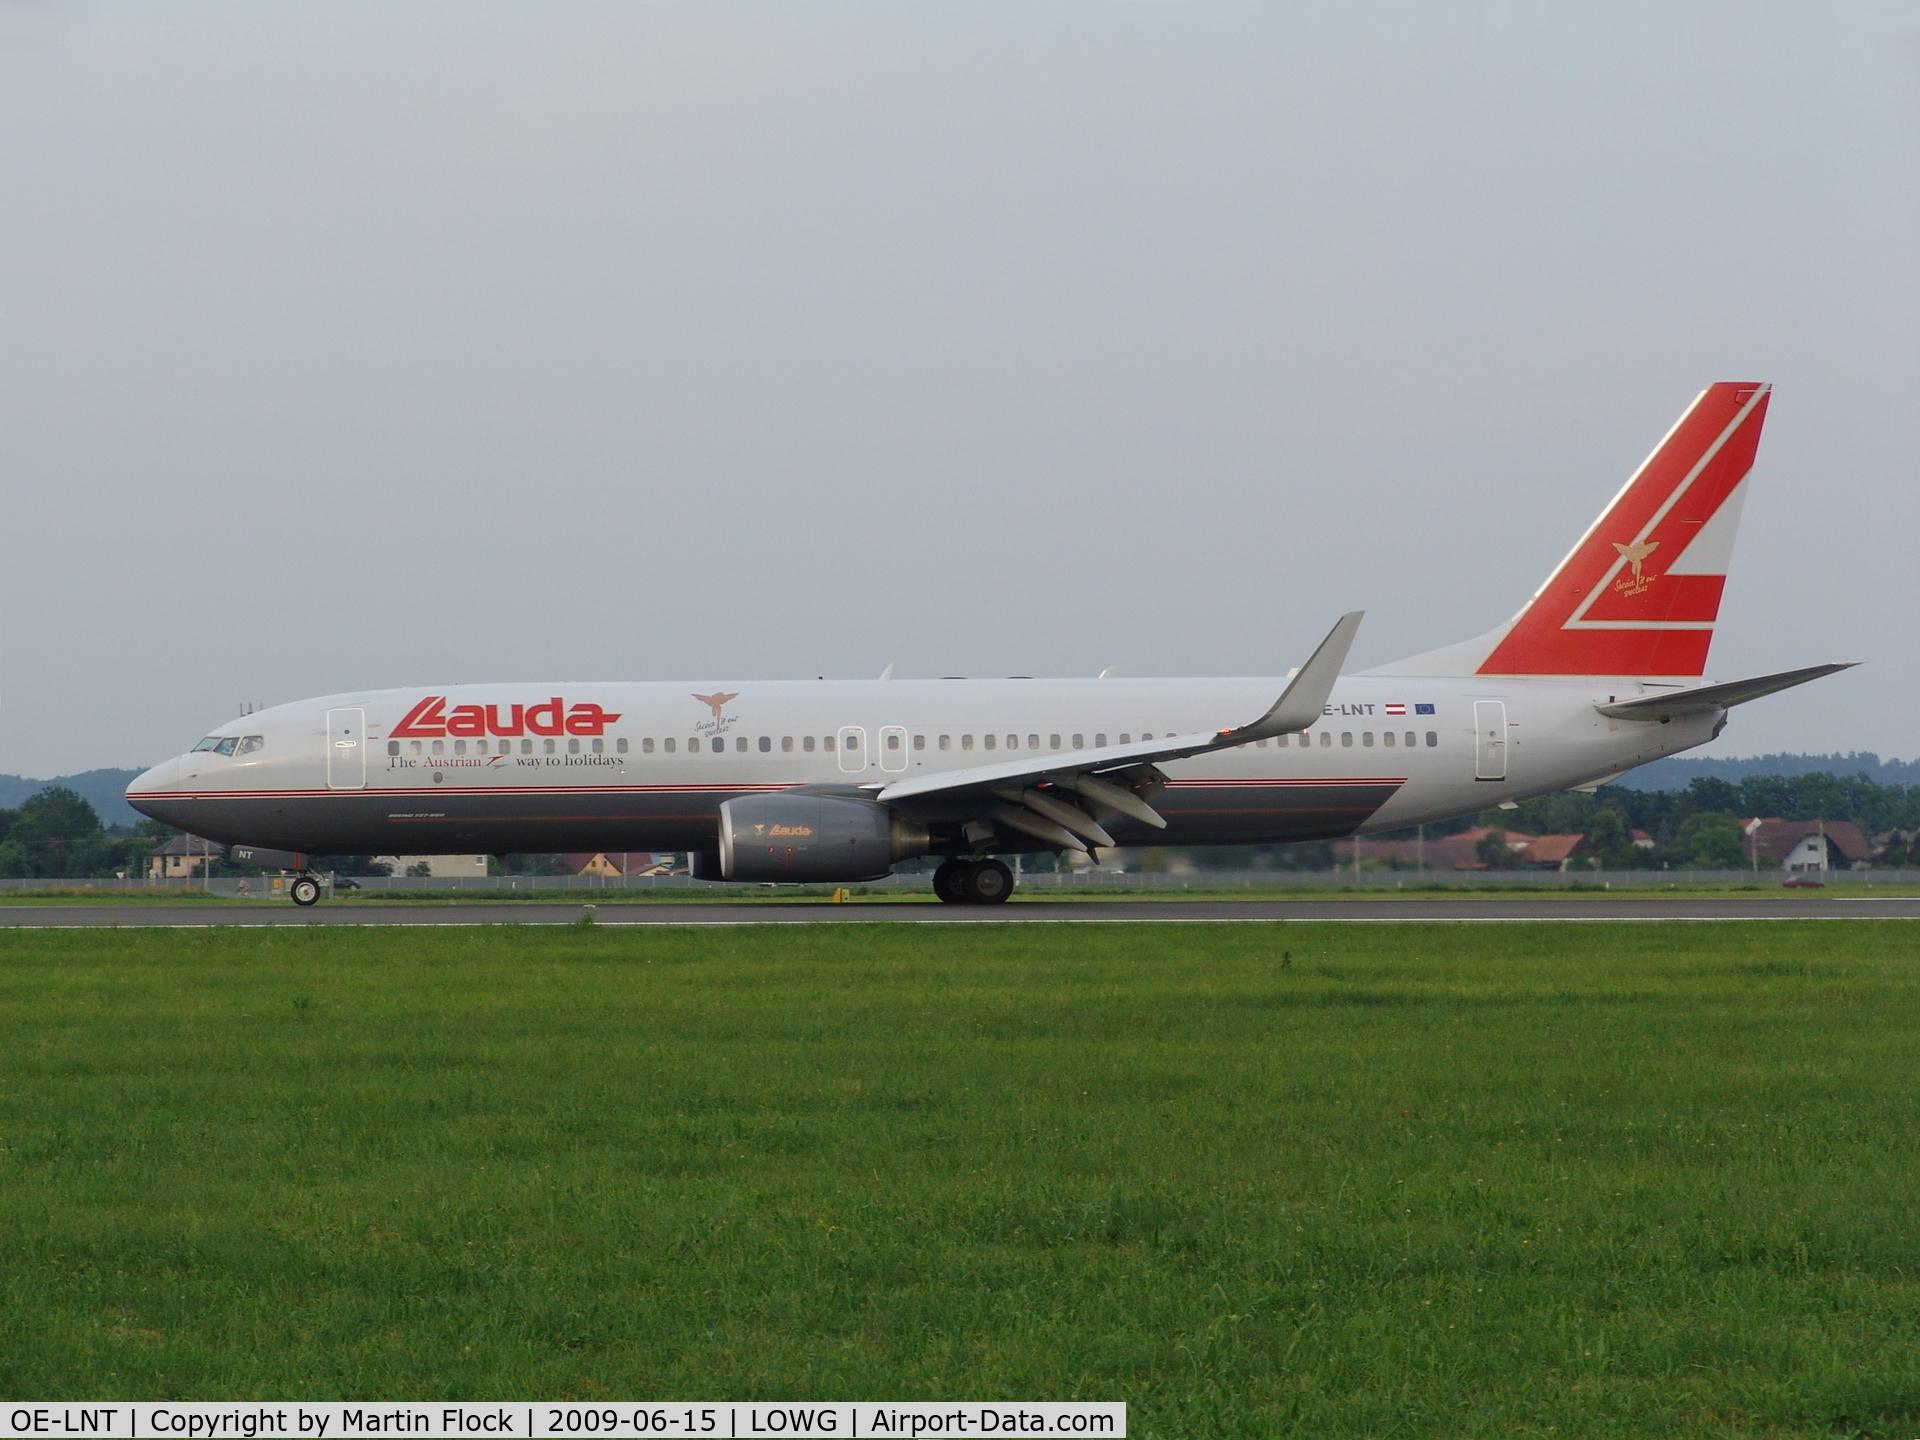 OE-LNT, 2006 Boeing 737-8Z9 C/N 33834, .